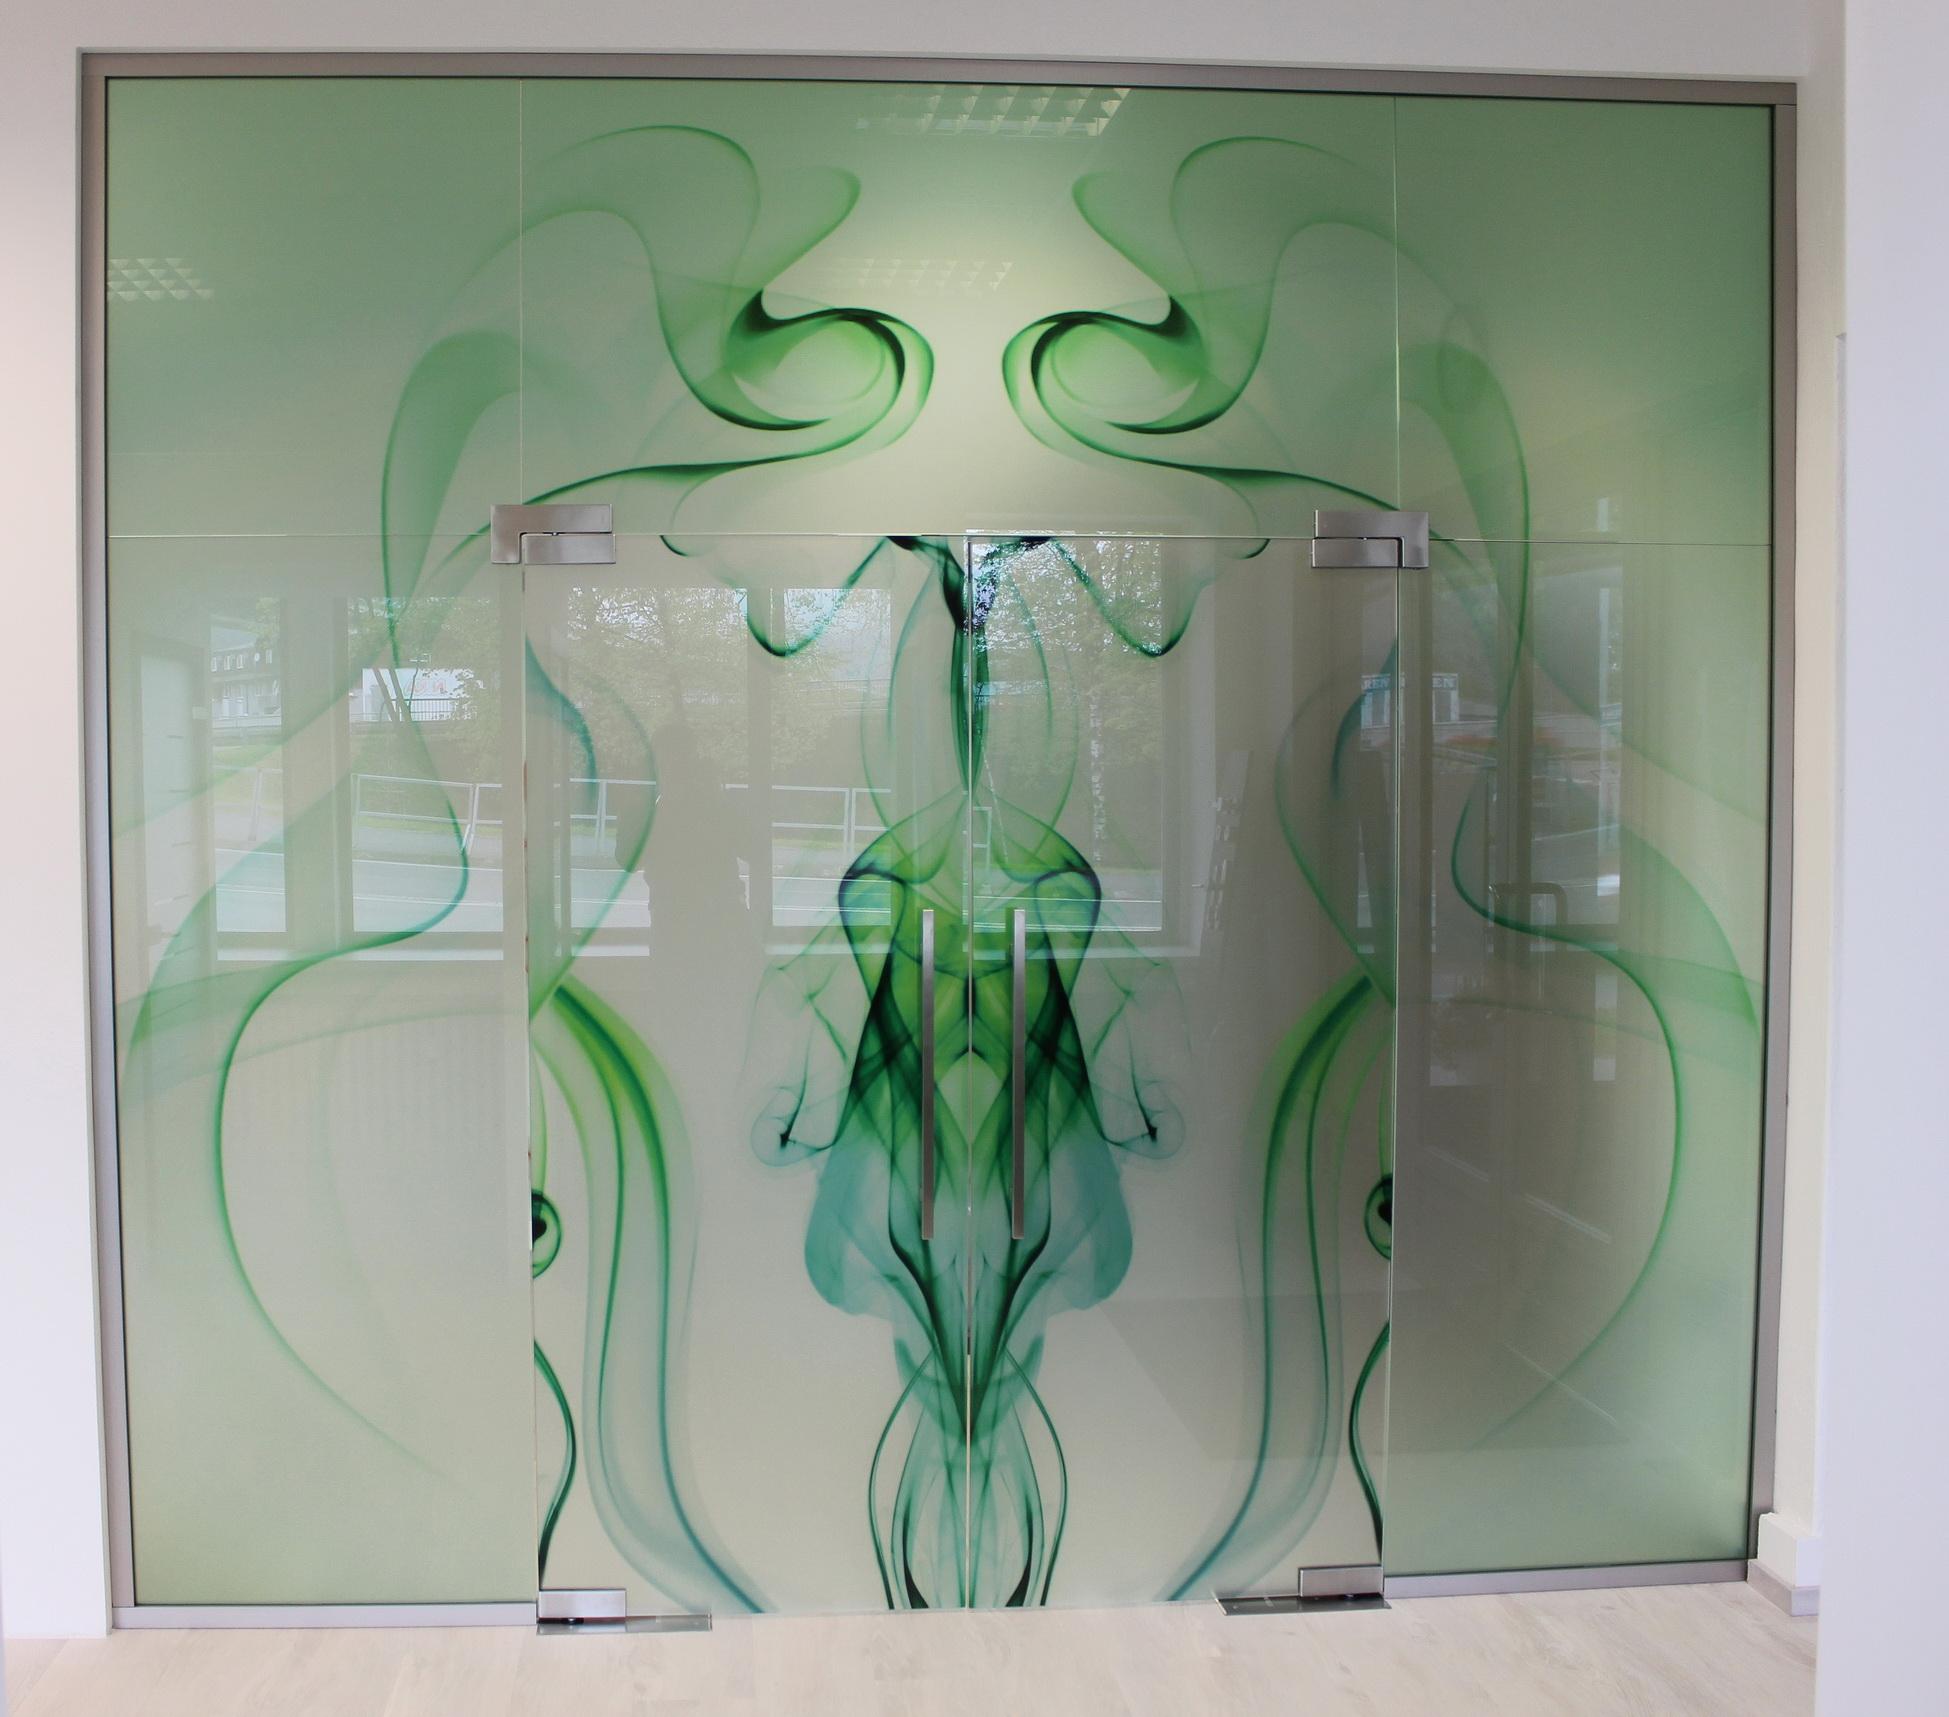 sklenena stena 01.5